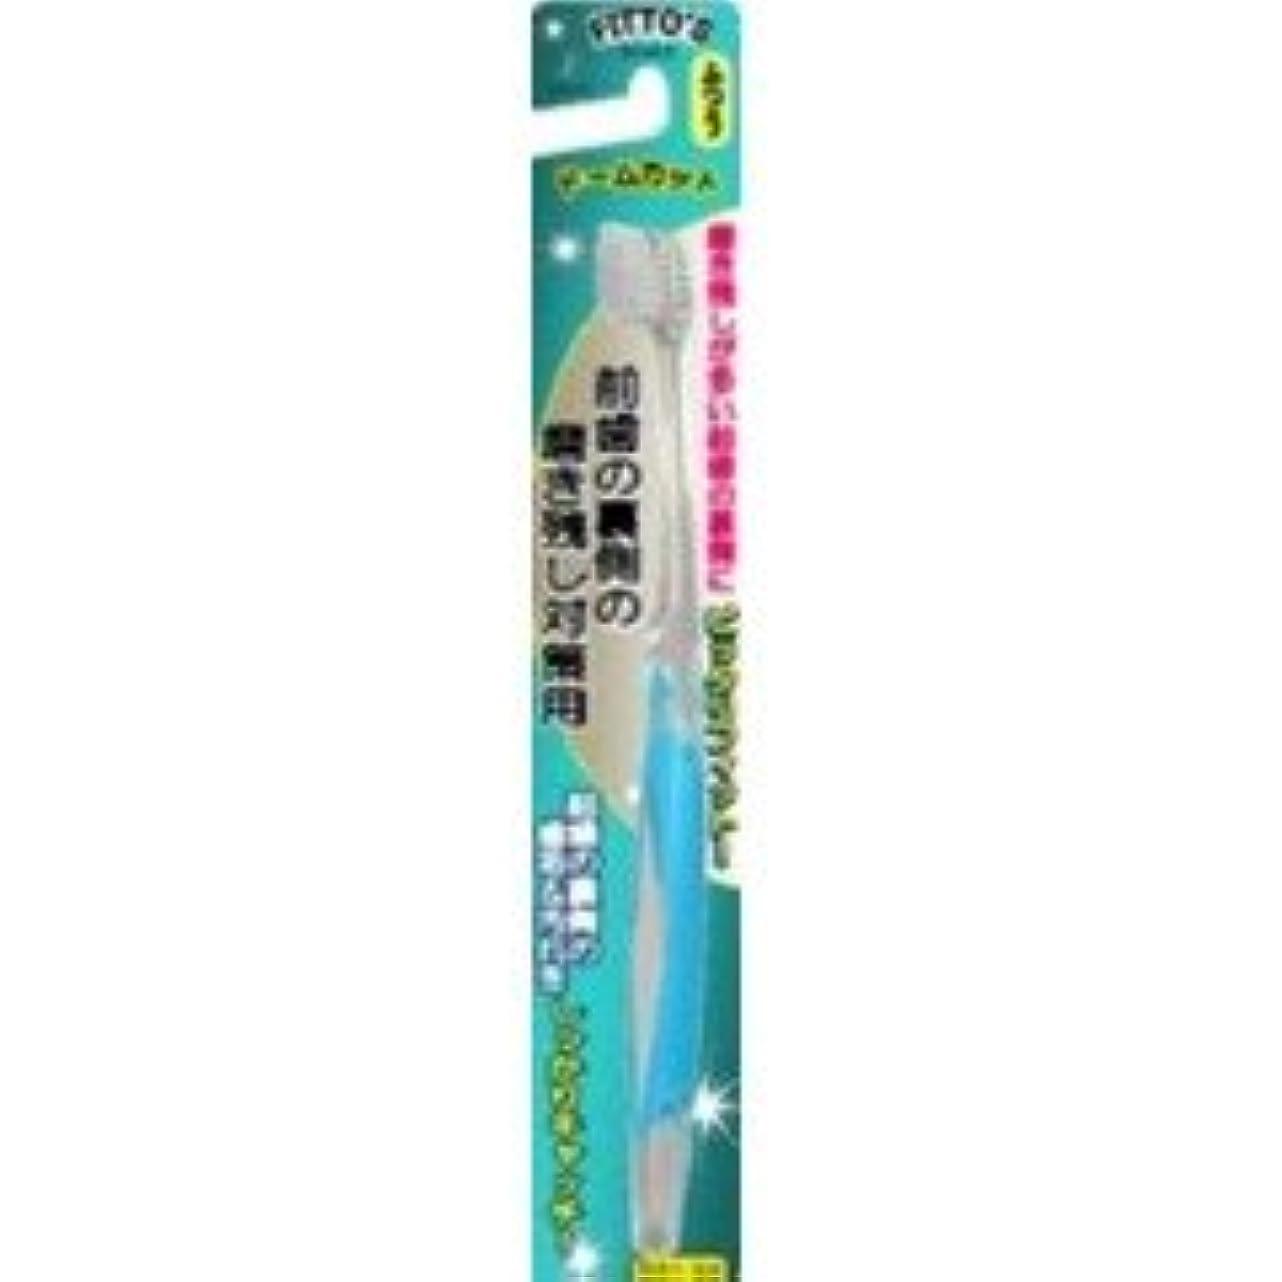 メンテナンス背骨能力前歯の裏側の磨き残し対策用歯ブラシ フィットス ふつう×3個